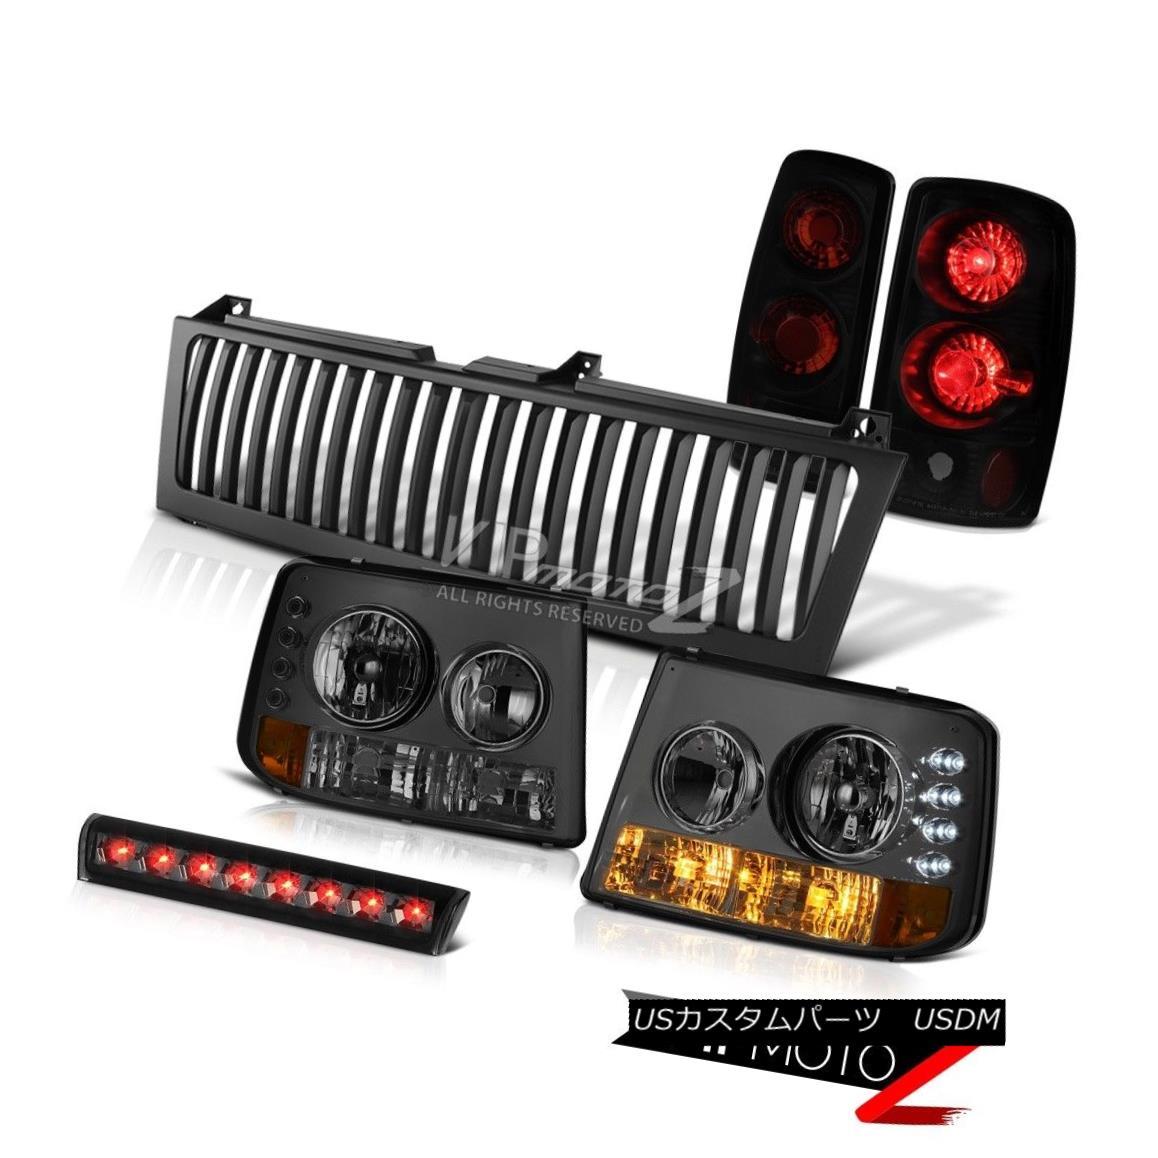 ヘッドライト 2000-2006 Tahoe LT Smoke Bumper+Headlight Tail Lamps Roof Brake Cargo LED Grille 2000-2006タホLTスモークバンパー+ヘッドリッグ htテールランプ屋根ブレーキカーゴLEDグリル